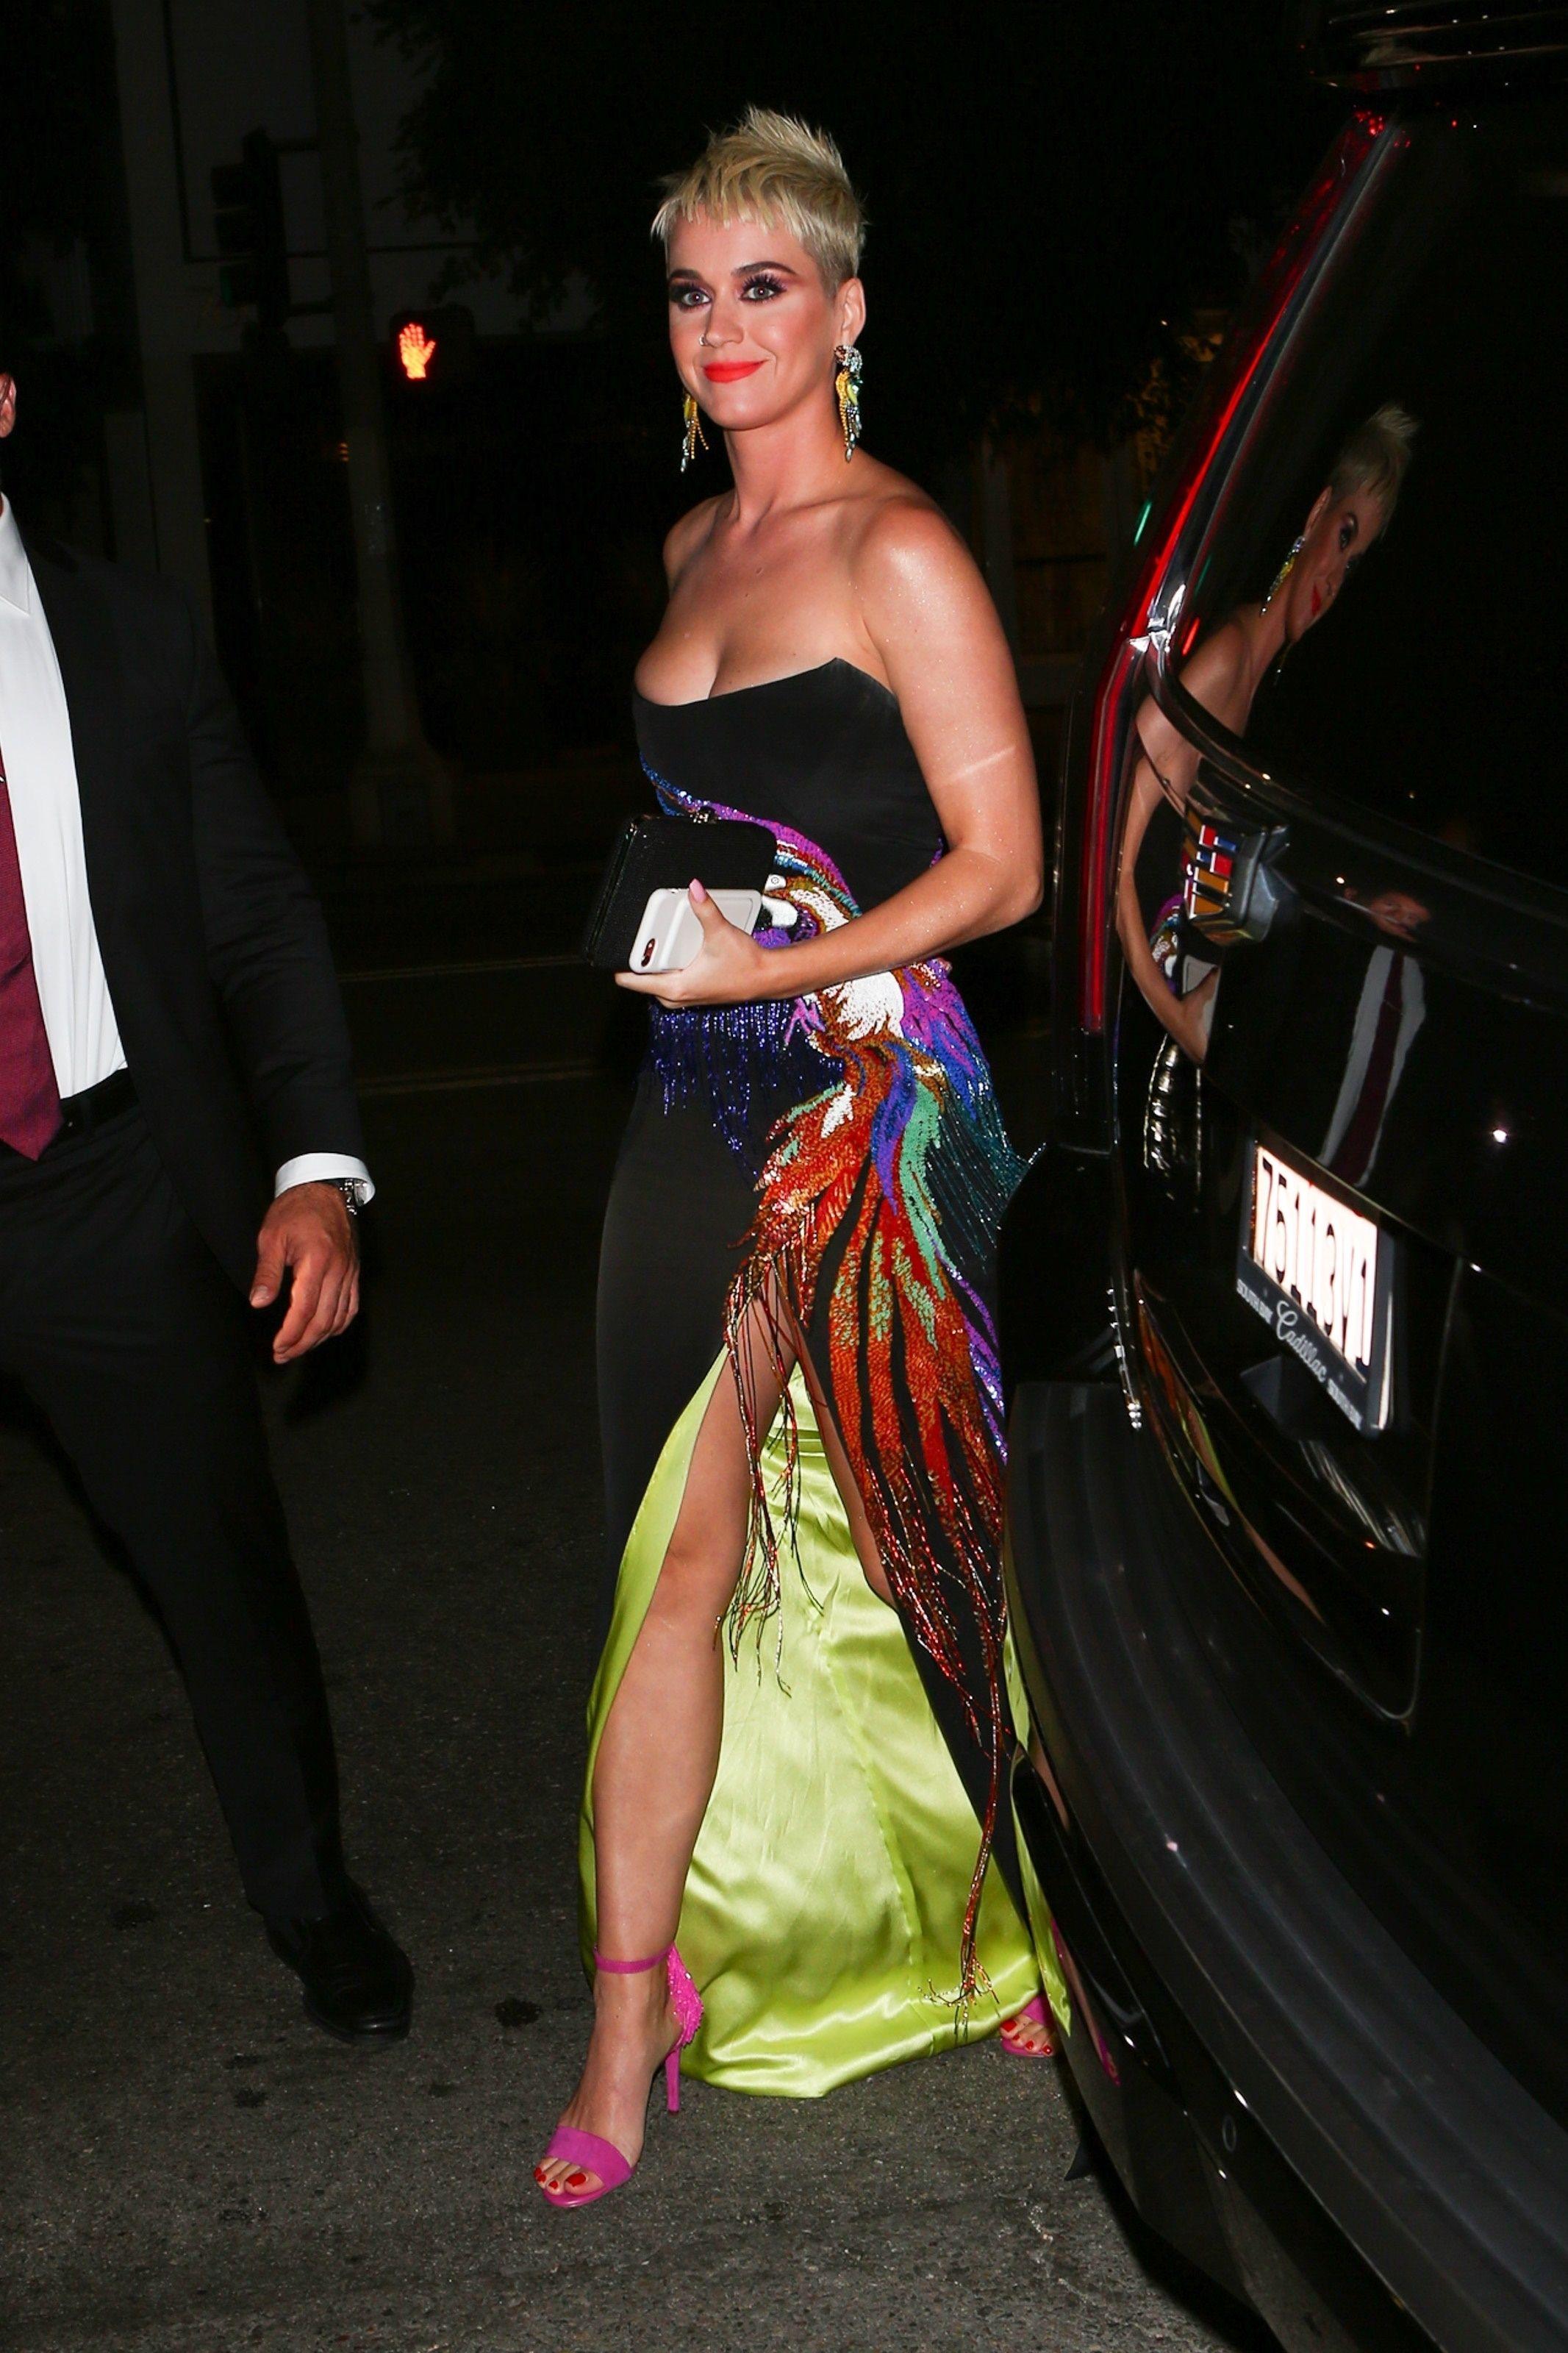 Güzel şarkıcı Katy Perry derin göğüs dekolteli sexy elbisesi ile yürek hoplattı. Gecelerin en seksi giyinen ünlü kadınlarının HD resimleri bu sitede tıklayın